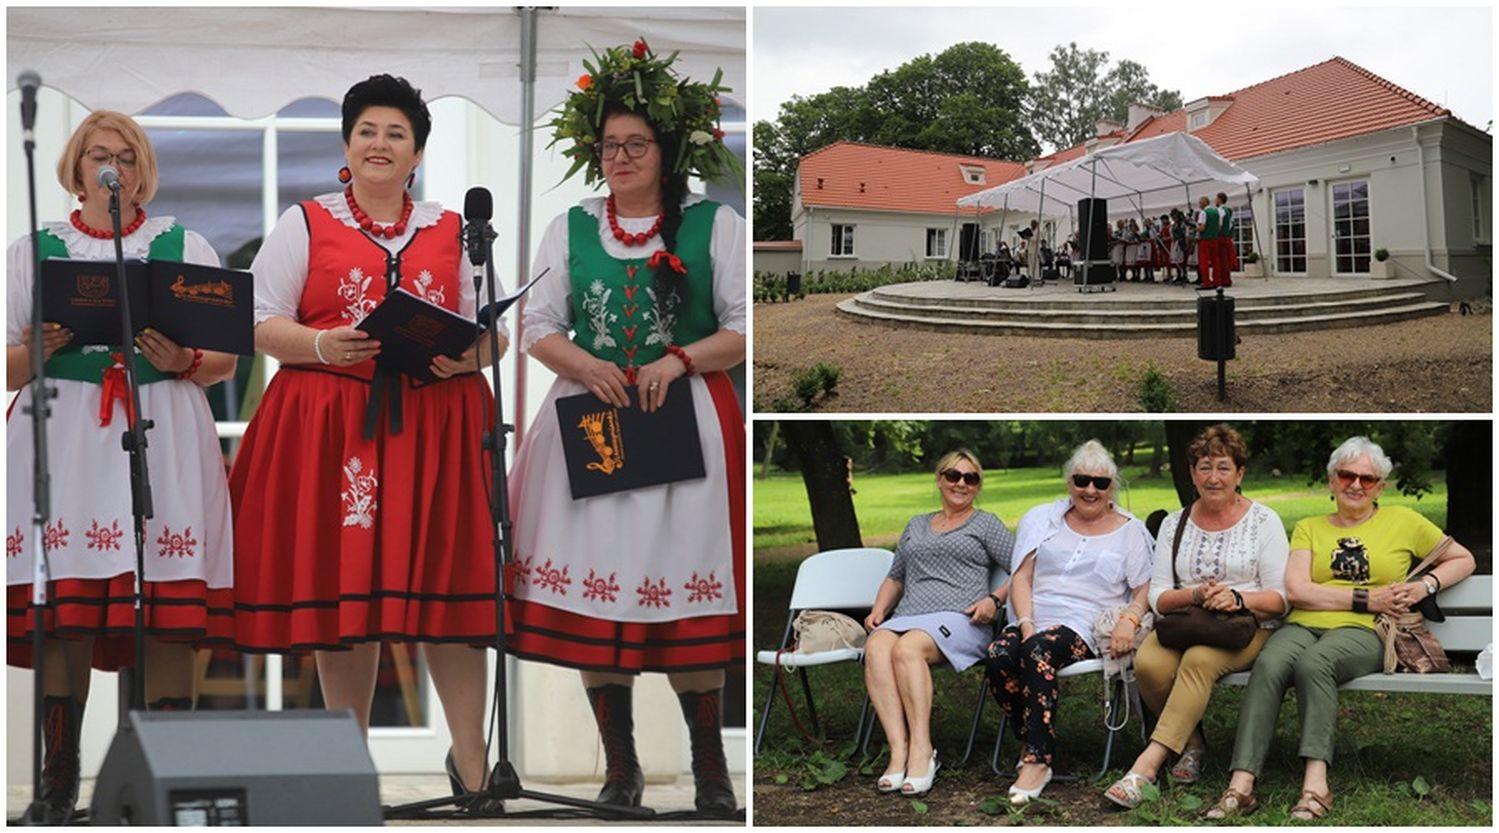 Pierwsza taka impreza w Gminie Kutno! Co dzieje się przy dworku w Leszczynku? [ZDJĘCIA] - Zdjęcie główne